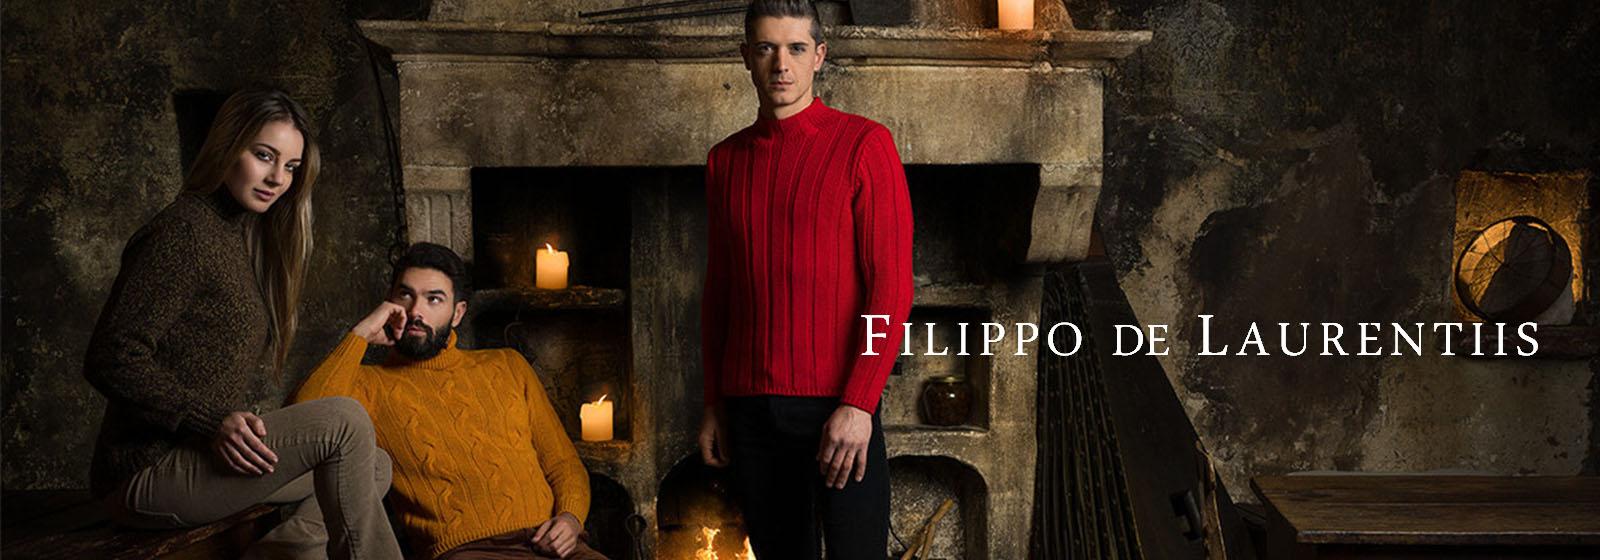 フィリッポ